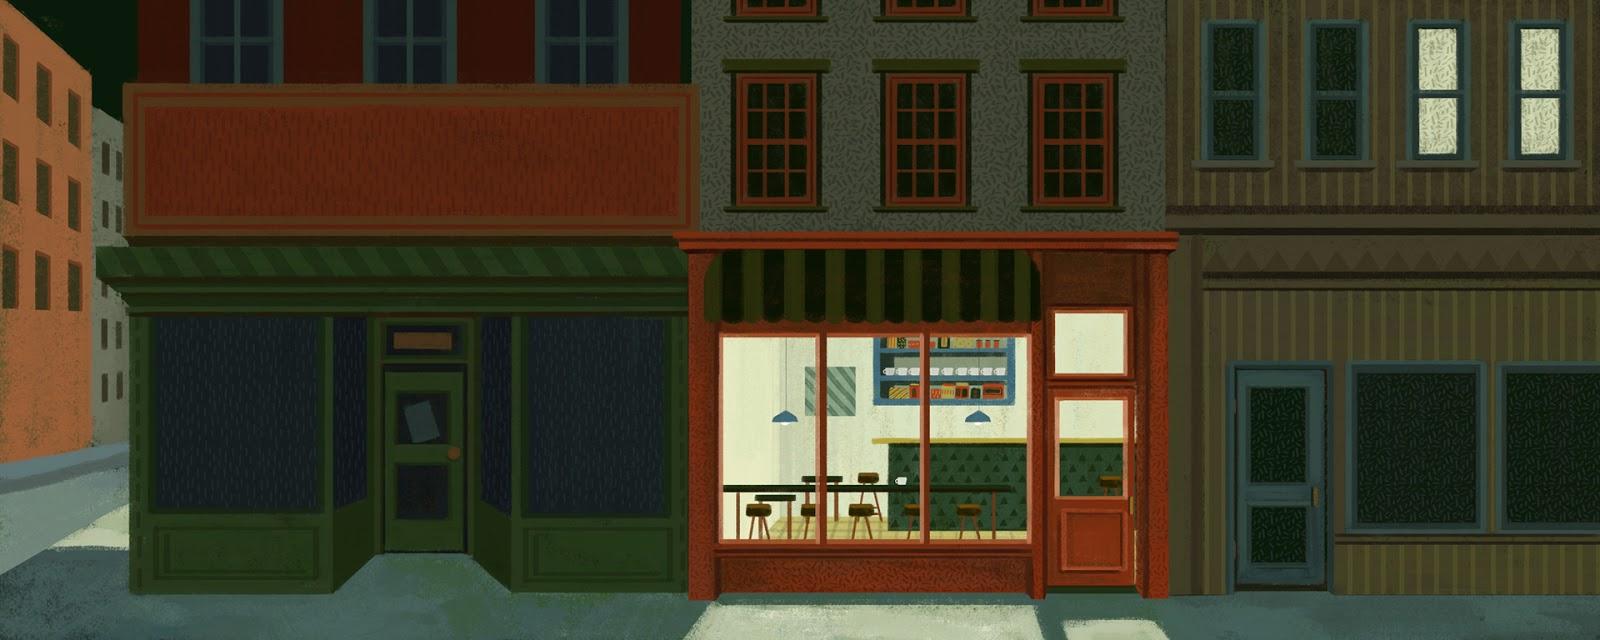 nuncalosabre. Night Cafe - OMD (Maniobras Orquestales en la Oscuridad)